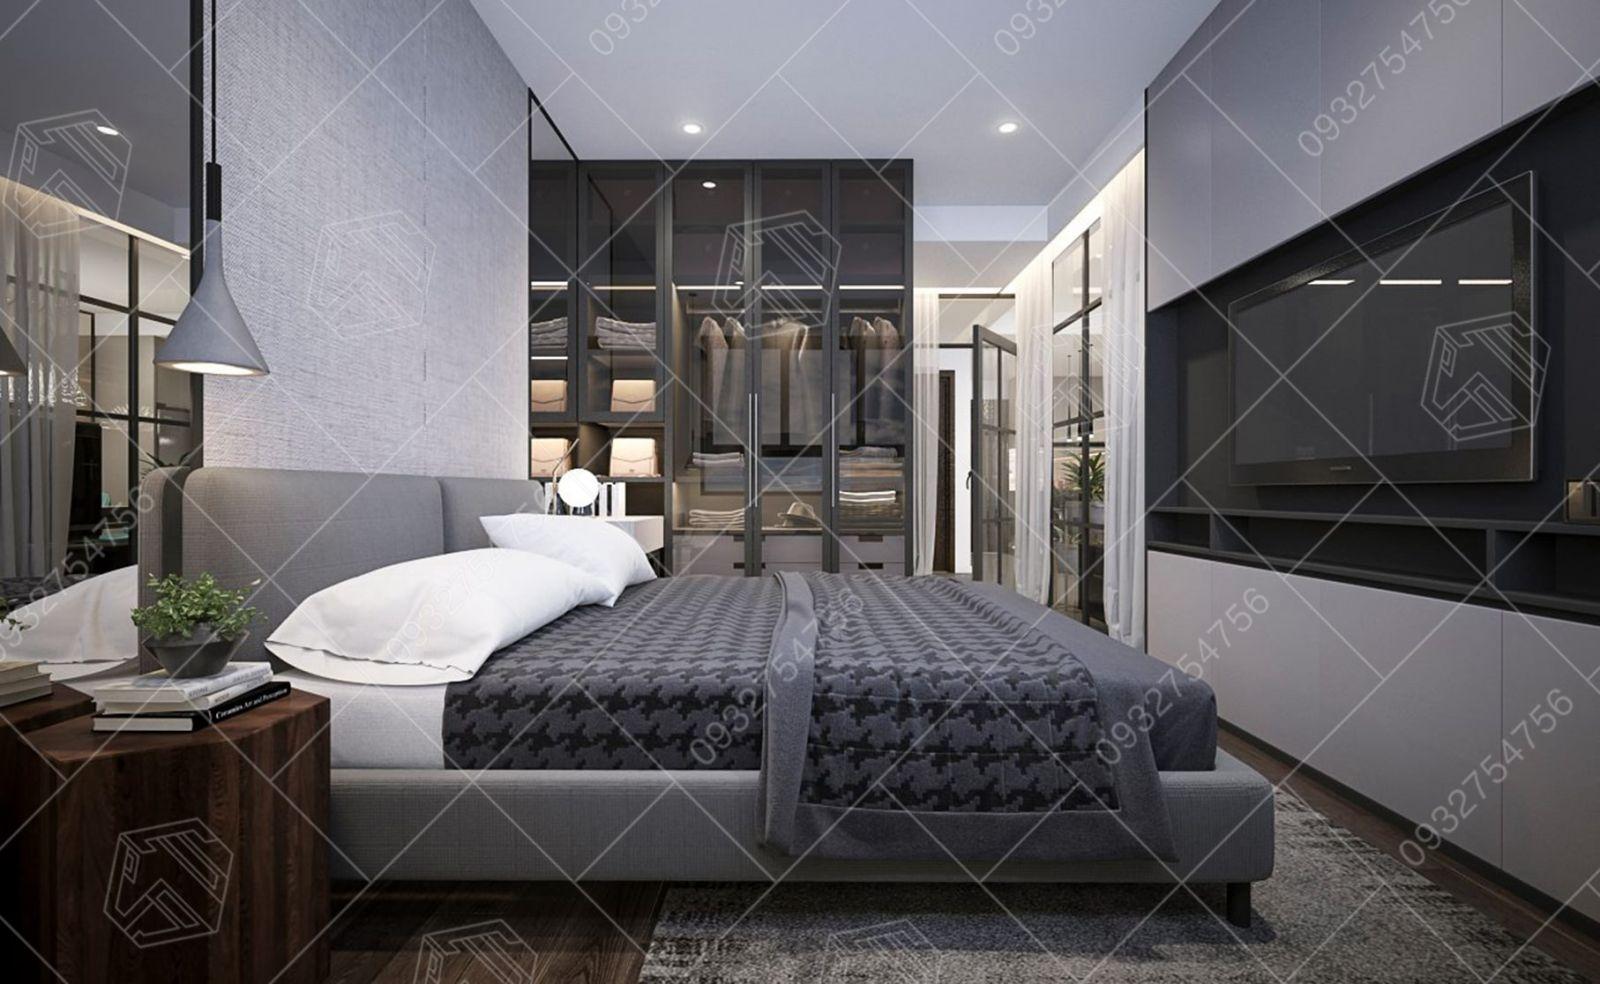 thiết kế căn hộ wil tower chị nhung